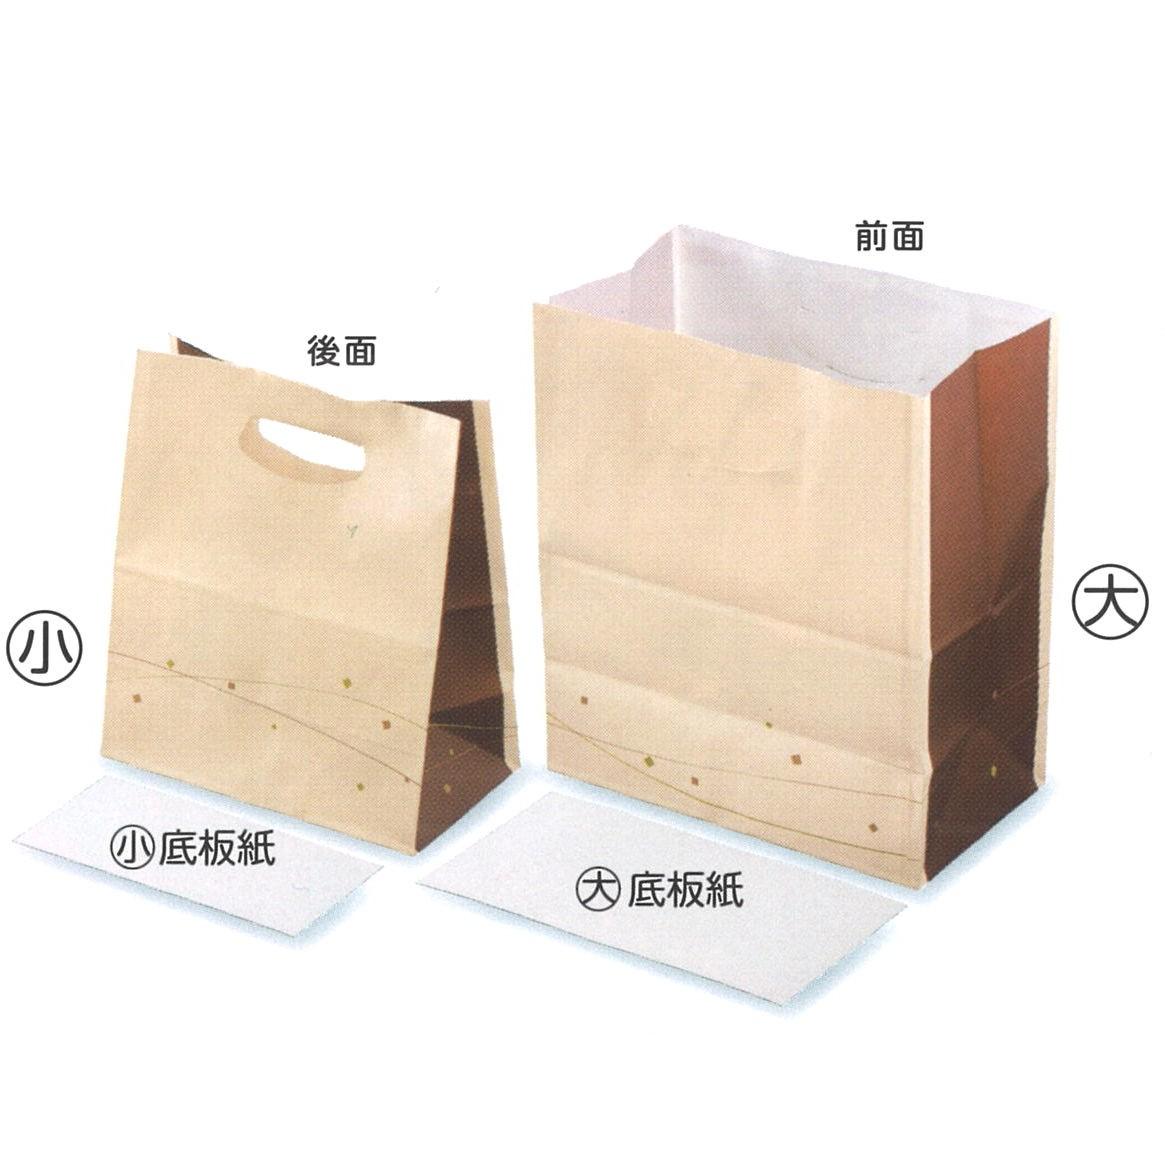 スイーツ袋 そよぎ(小)(800枚)底板紙付き 90×167×200mm ケーキ和菓子用 手提げ袋 パッケージ中澤